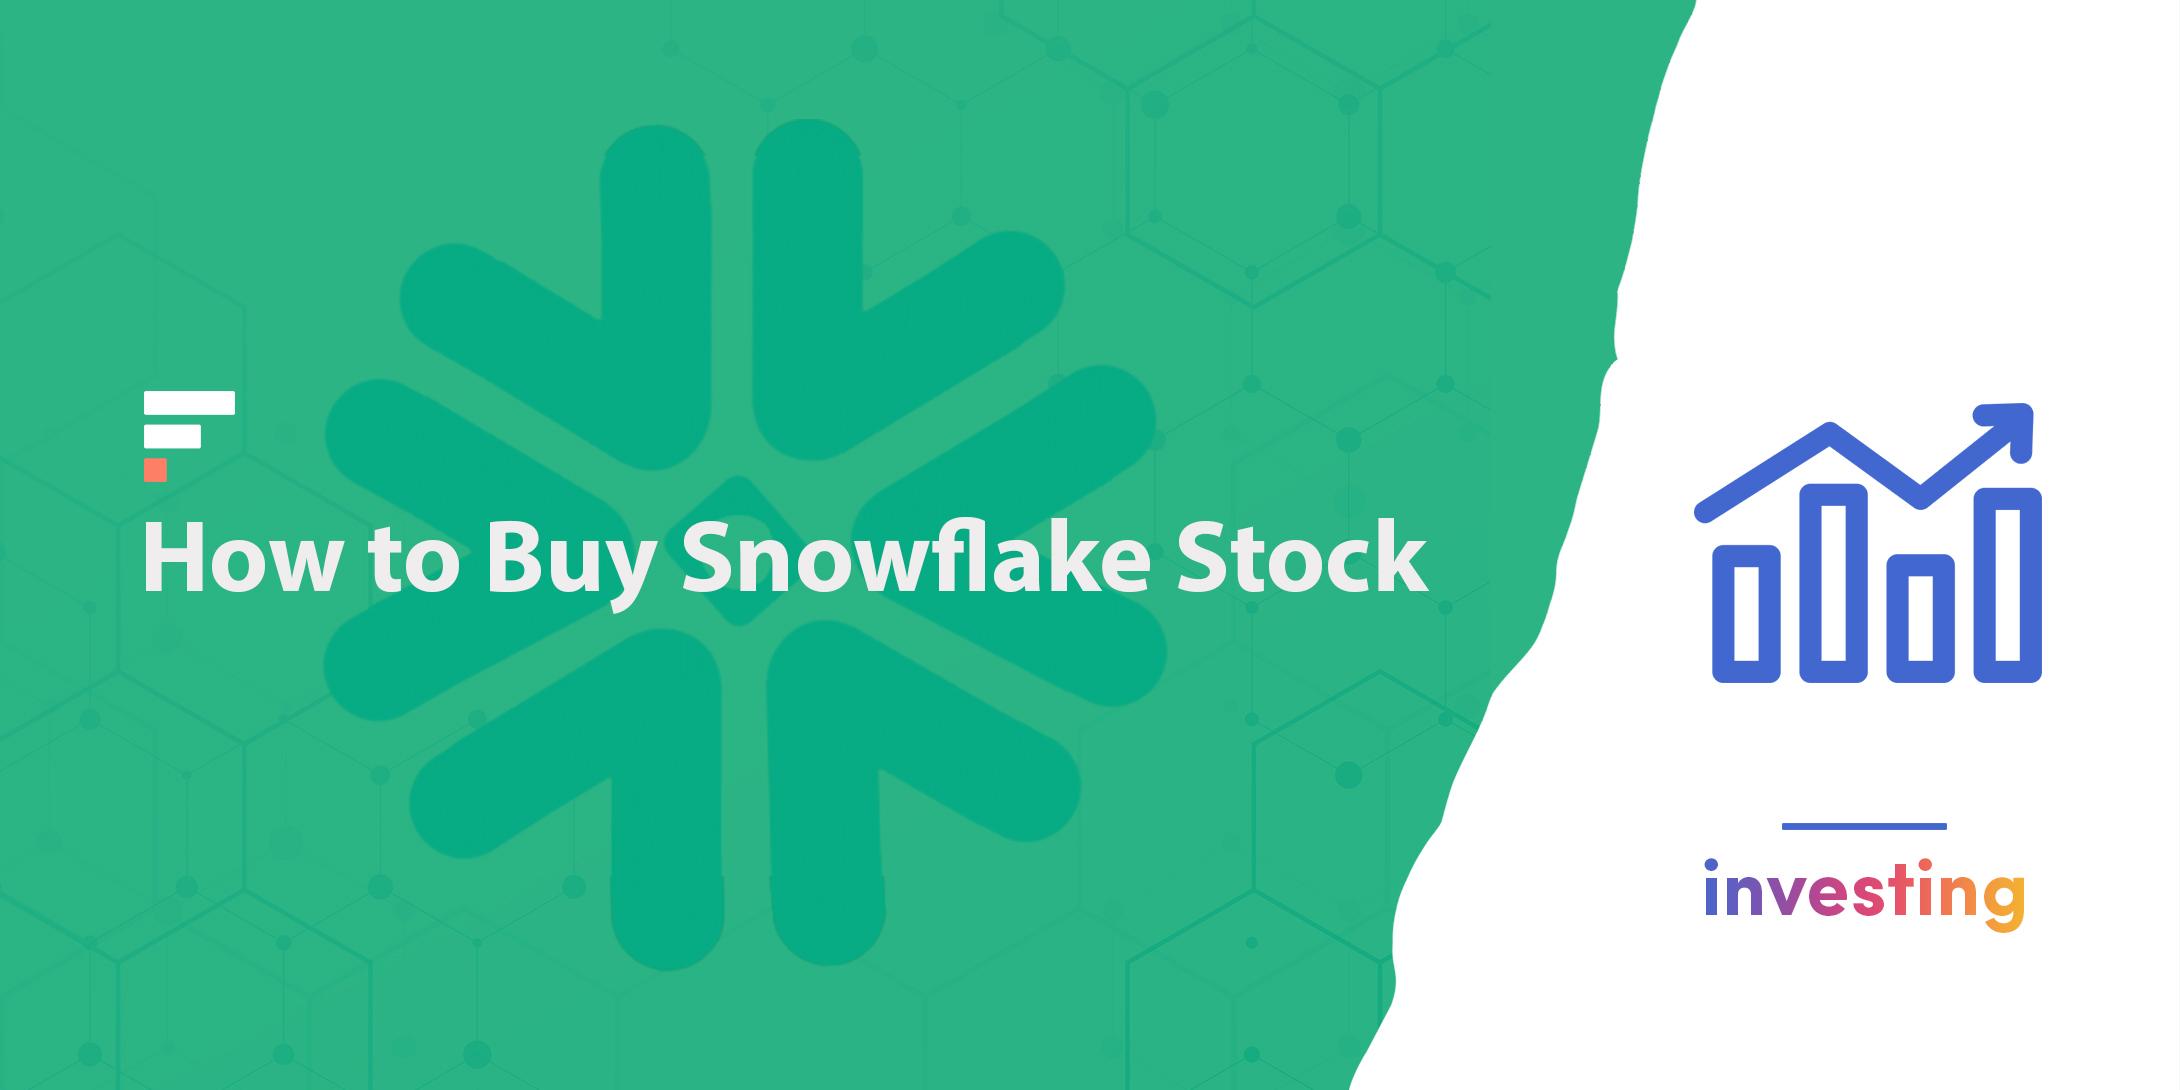 How buy Snowflake stock